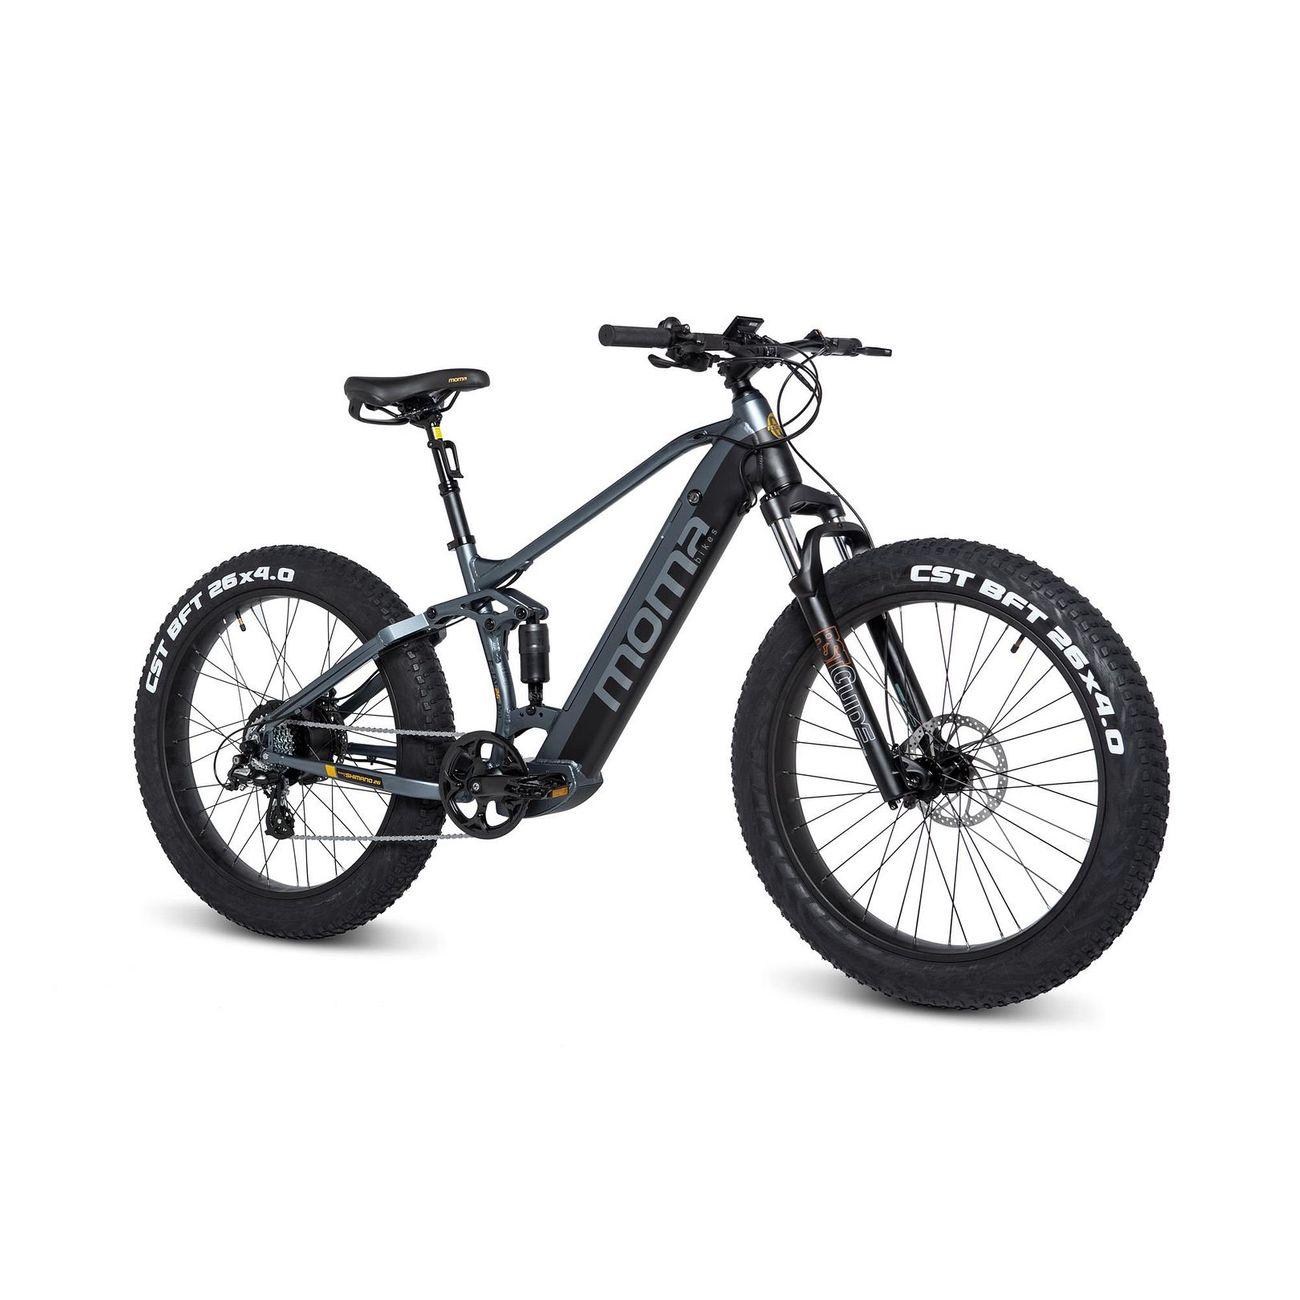 VTT électrique Fatbike 26PRO (Vendeur tiers)